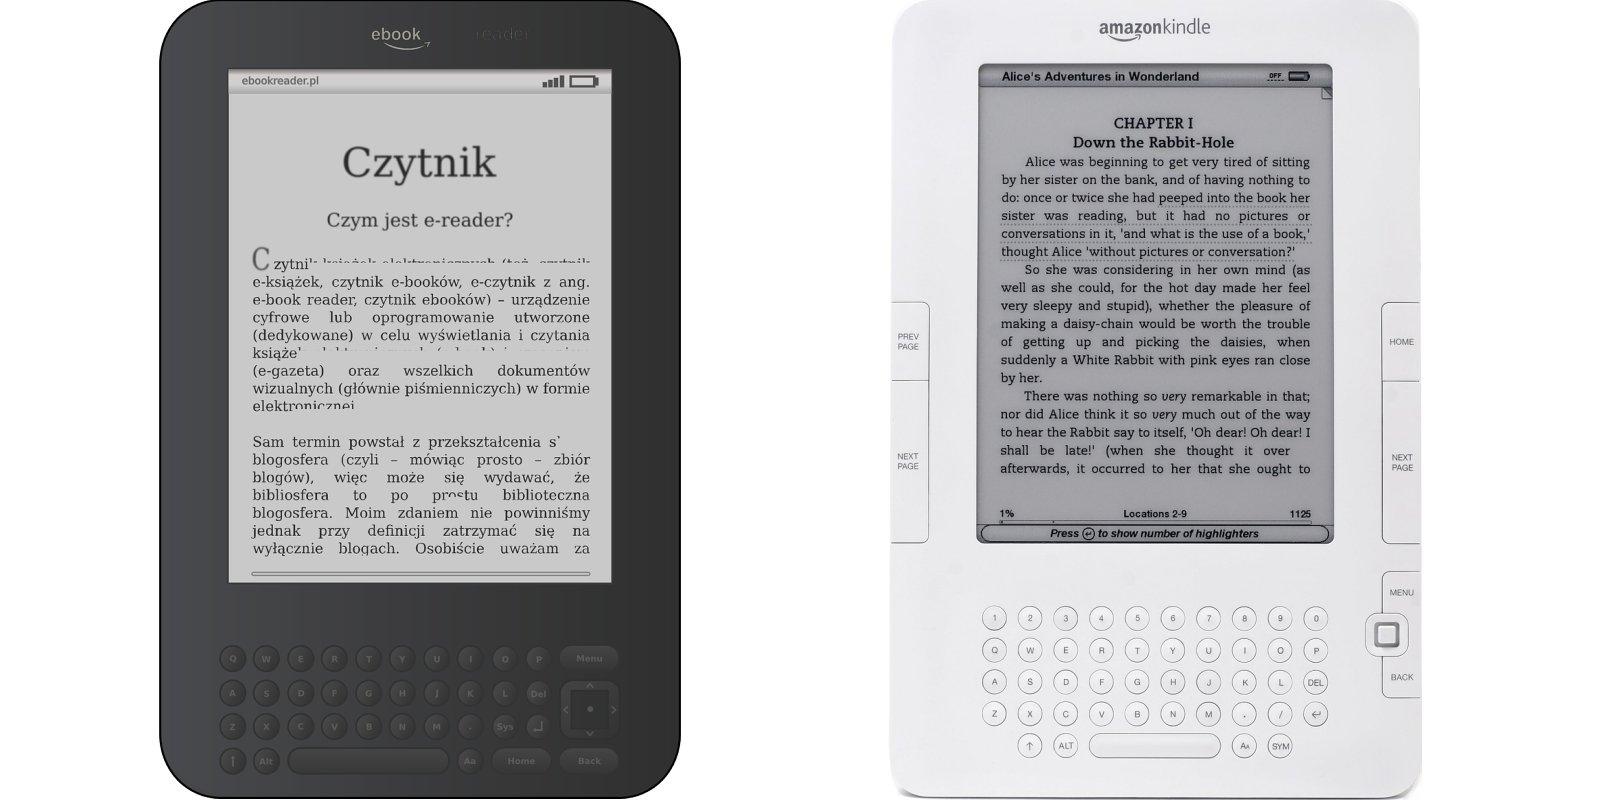 讓 Kindle DX 起死回生﹍更換電池(淘寶艱辛紀實)